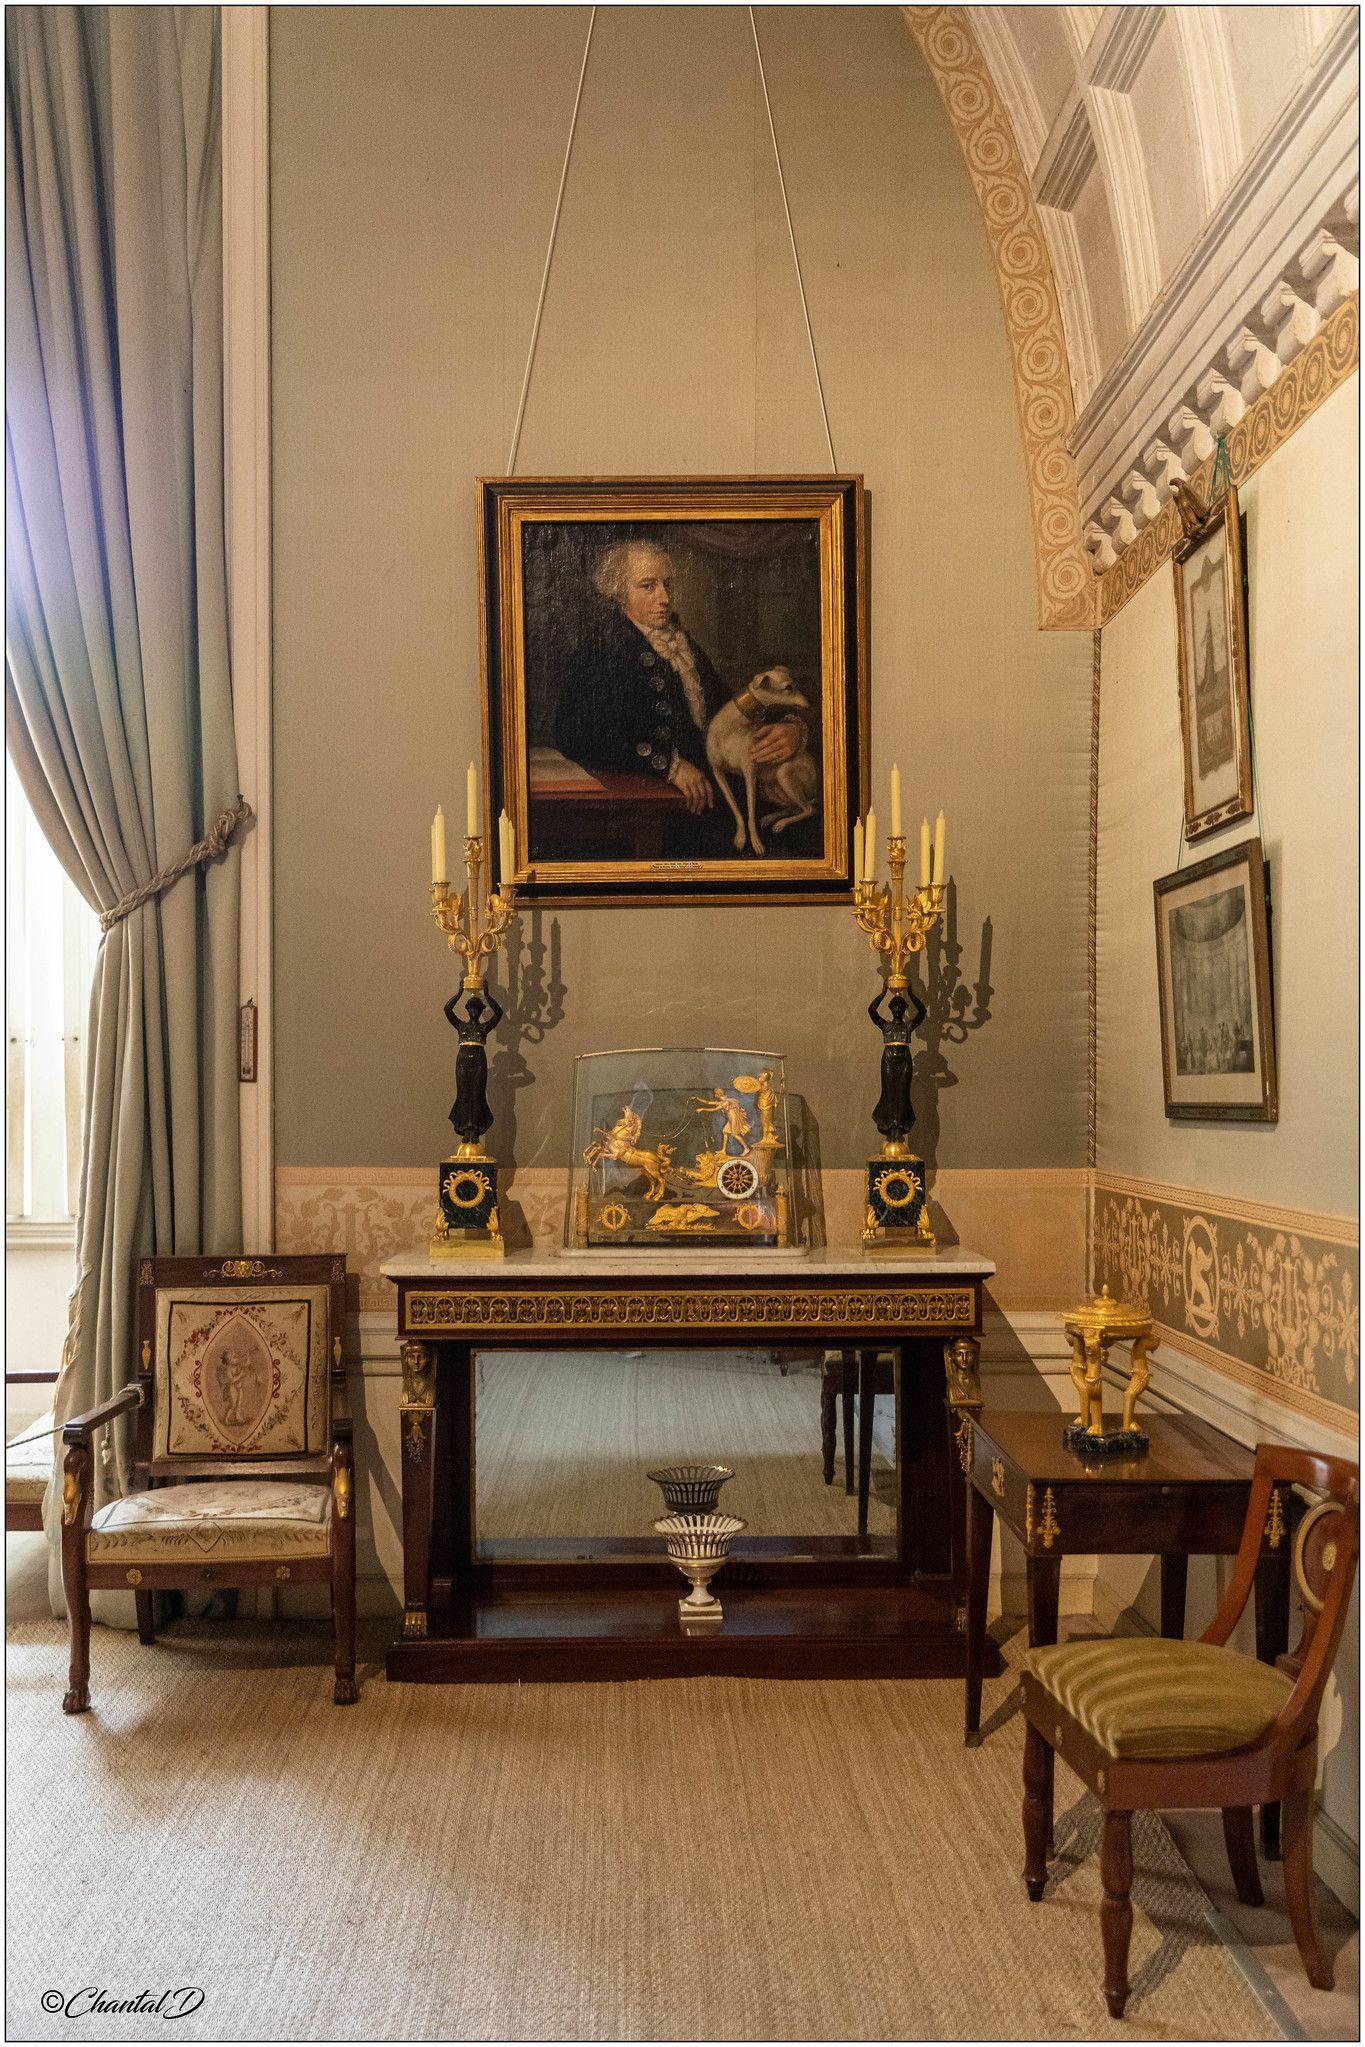 Chateau De Serrant La Chambre Empire Traditional Interior Design Historical Interior Classic Decor